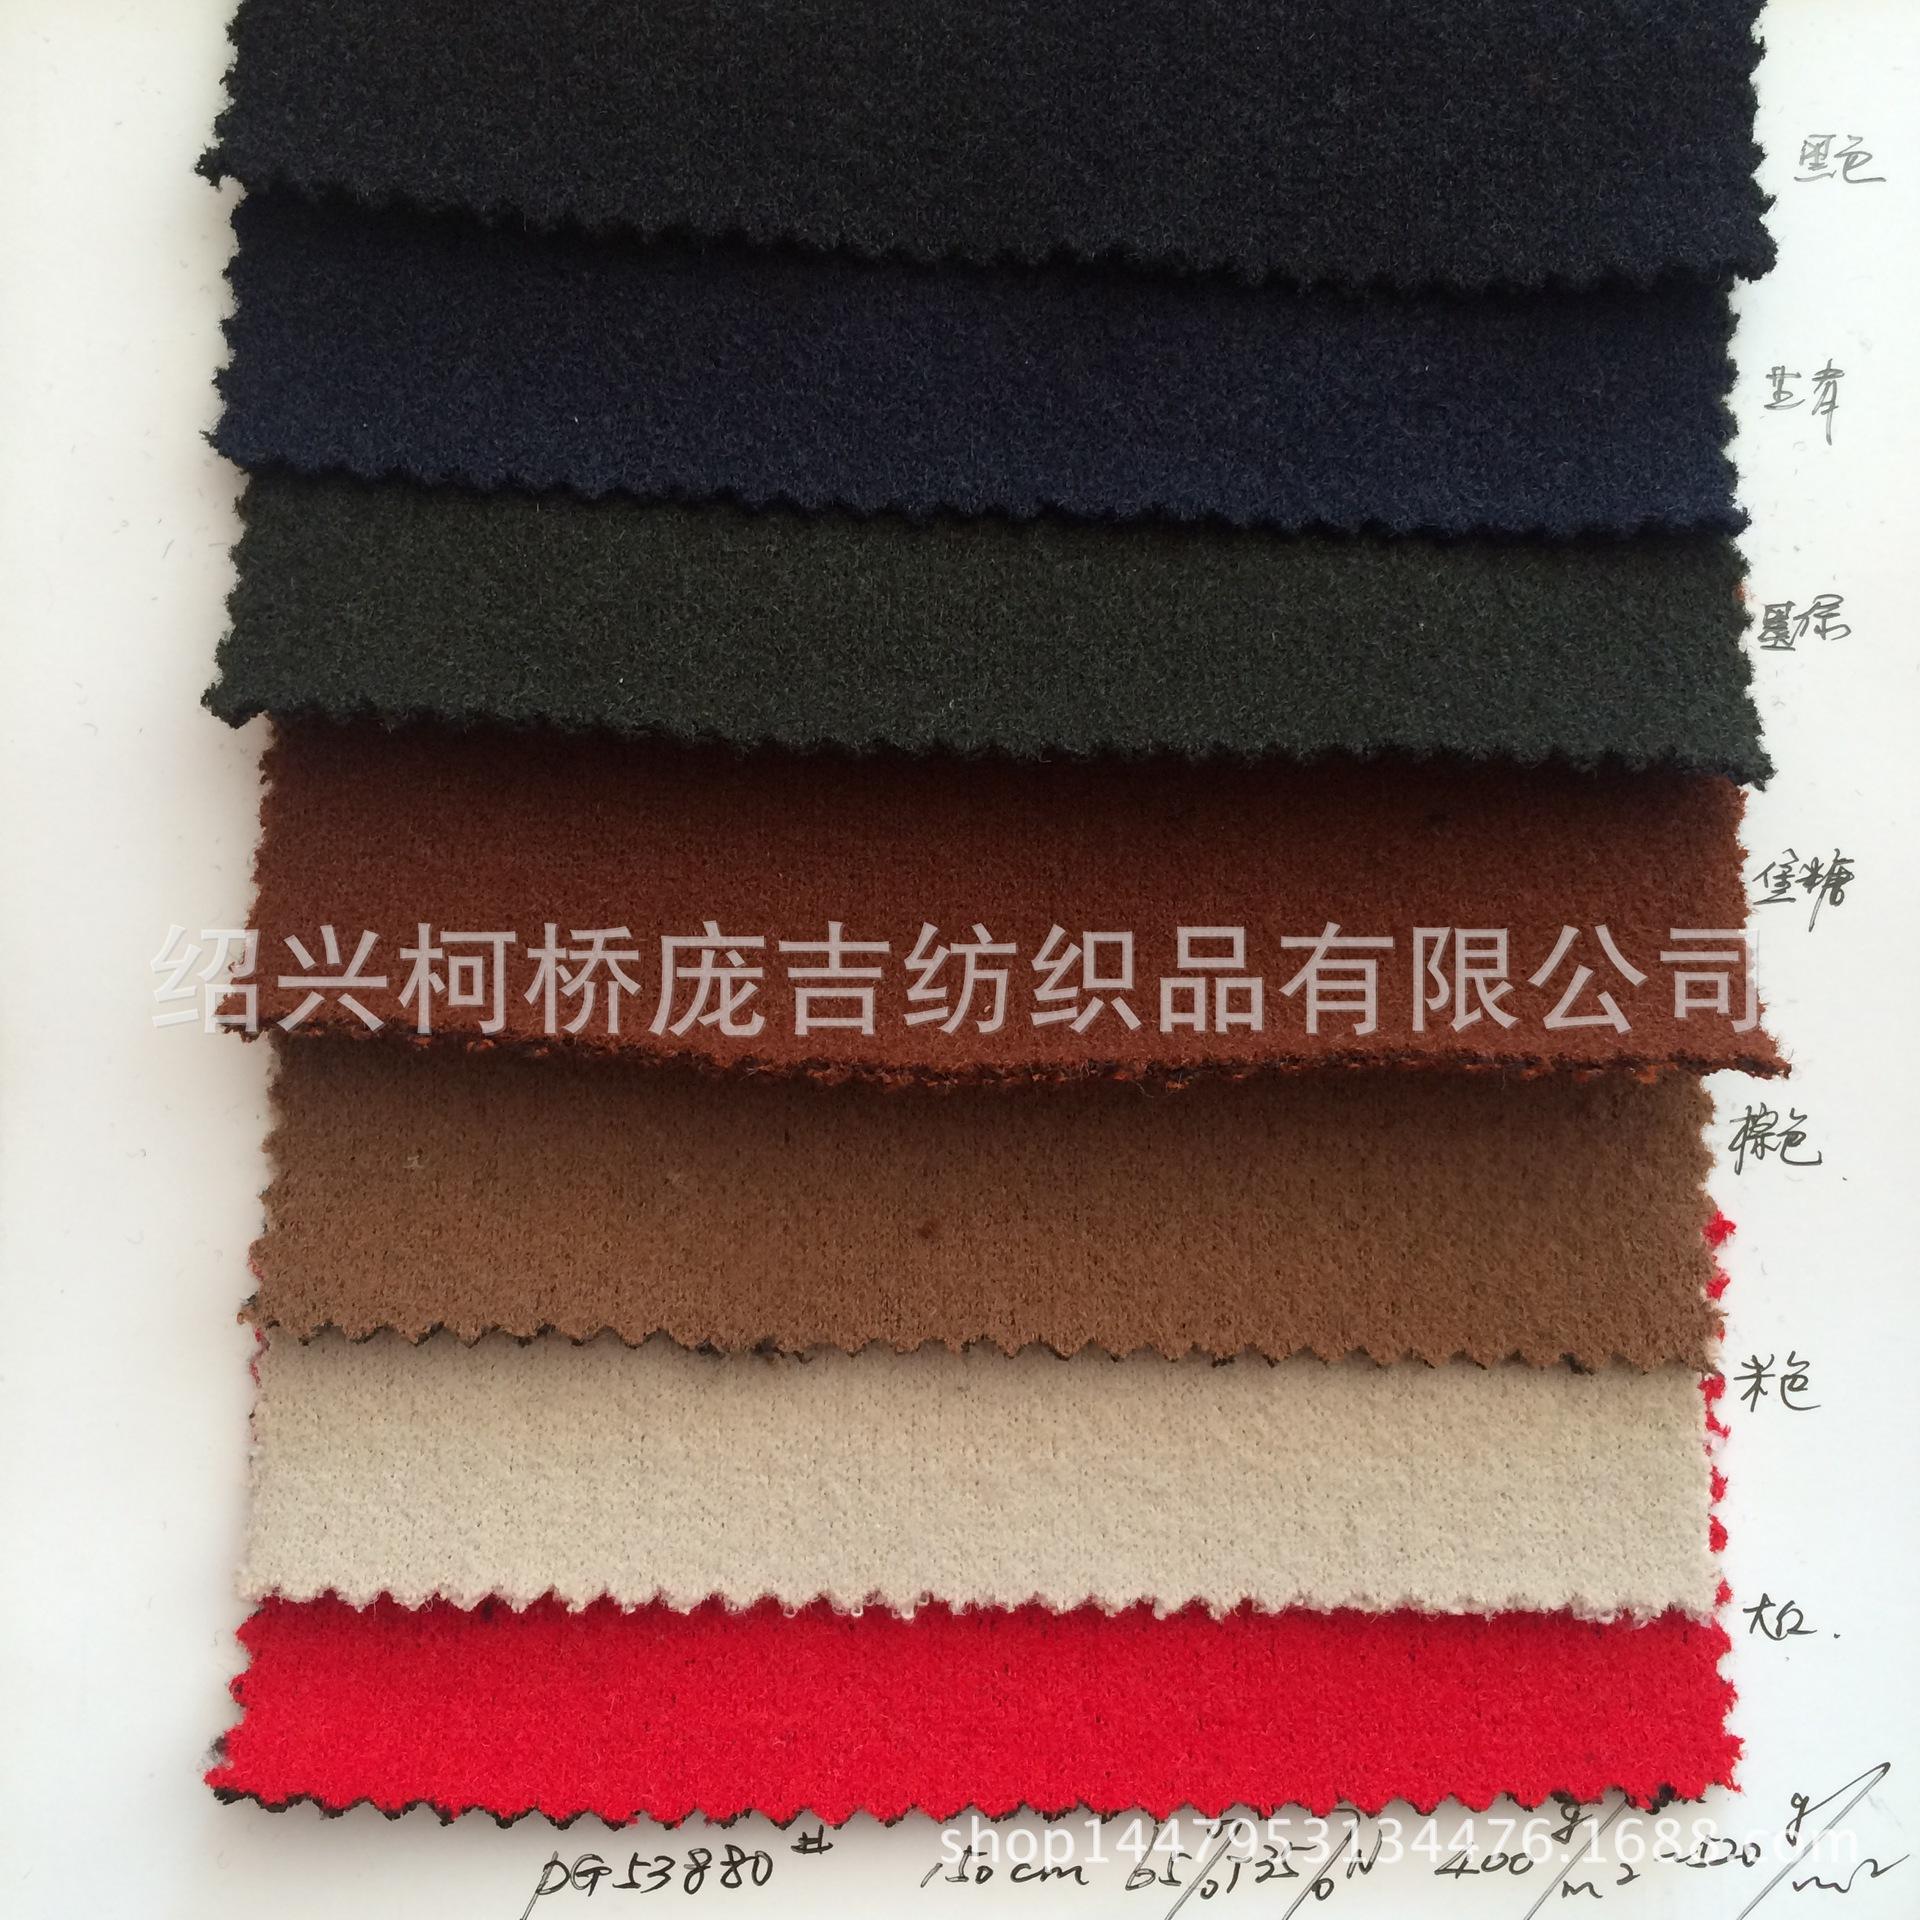 厂家直销 针织时装面料 锦纶蜈蚣纱 铂金绒 仿羊绒女装套装裙料